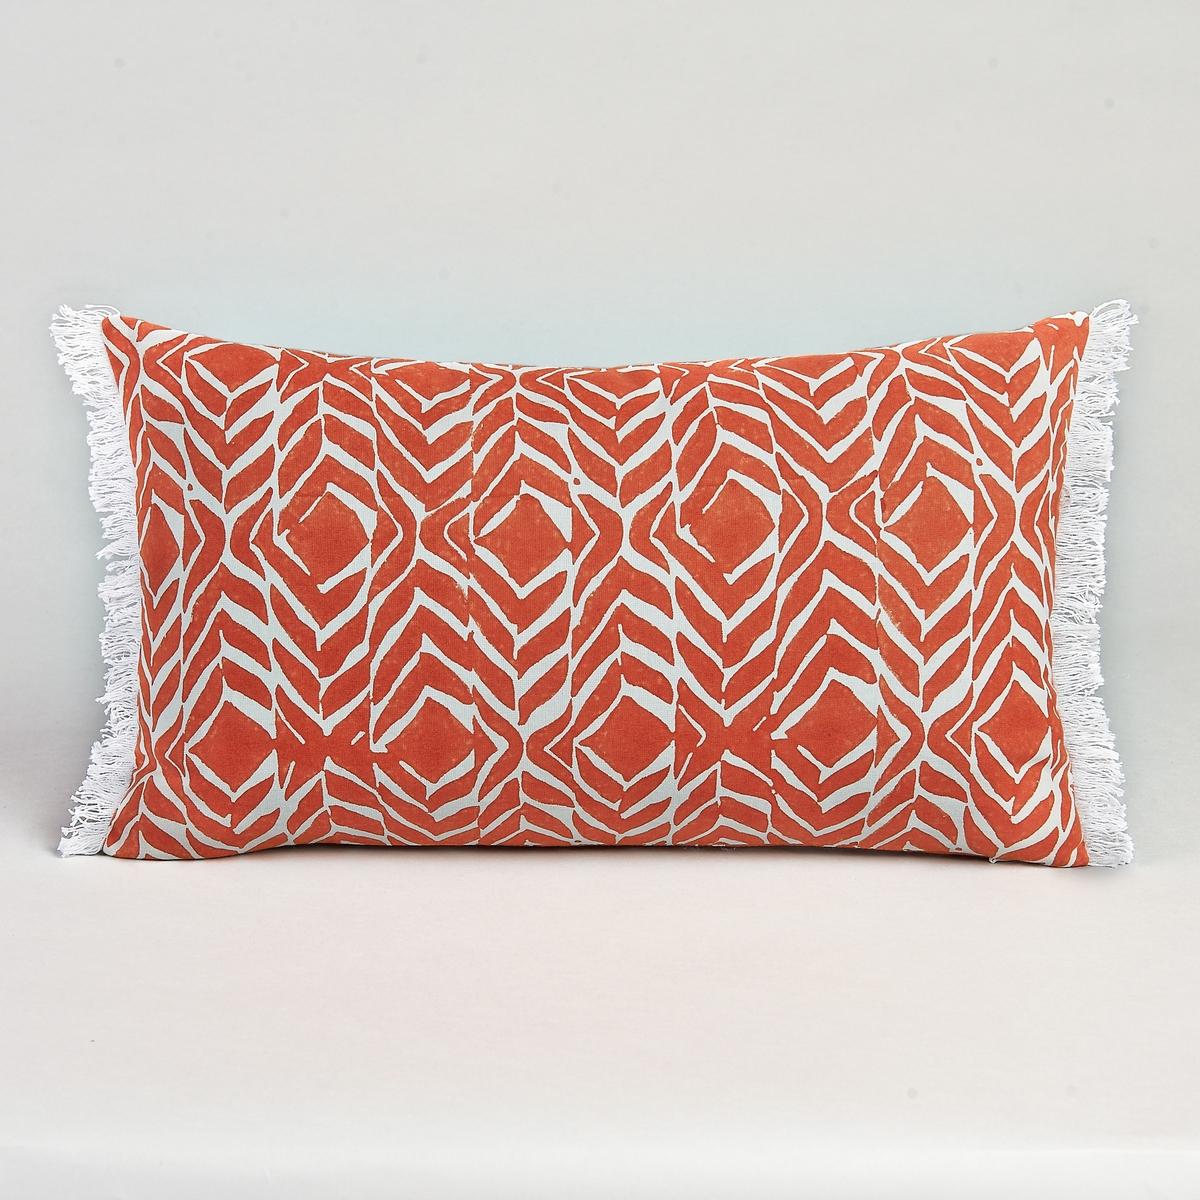 Чехол для подушки ZivotineЧехол для подушки с бахромой. Застежка на молнию Материал :- 100% хлопок.Размер :- 50 x 30 см.<br><br>Цвет: оранжевый<br>Размер: 50 x 30 см